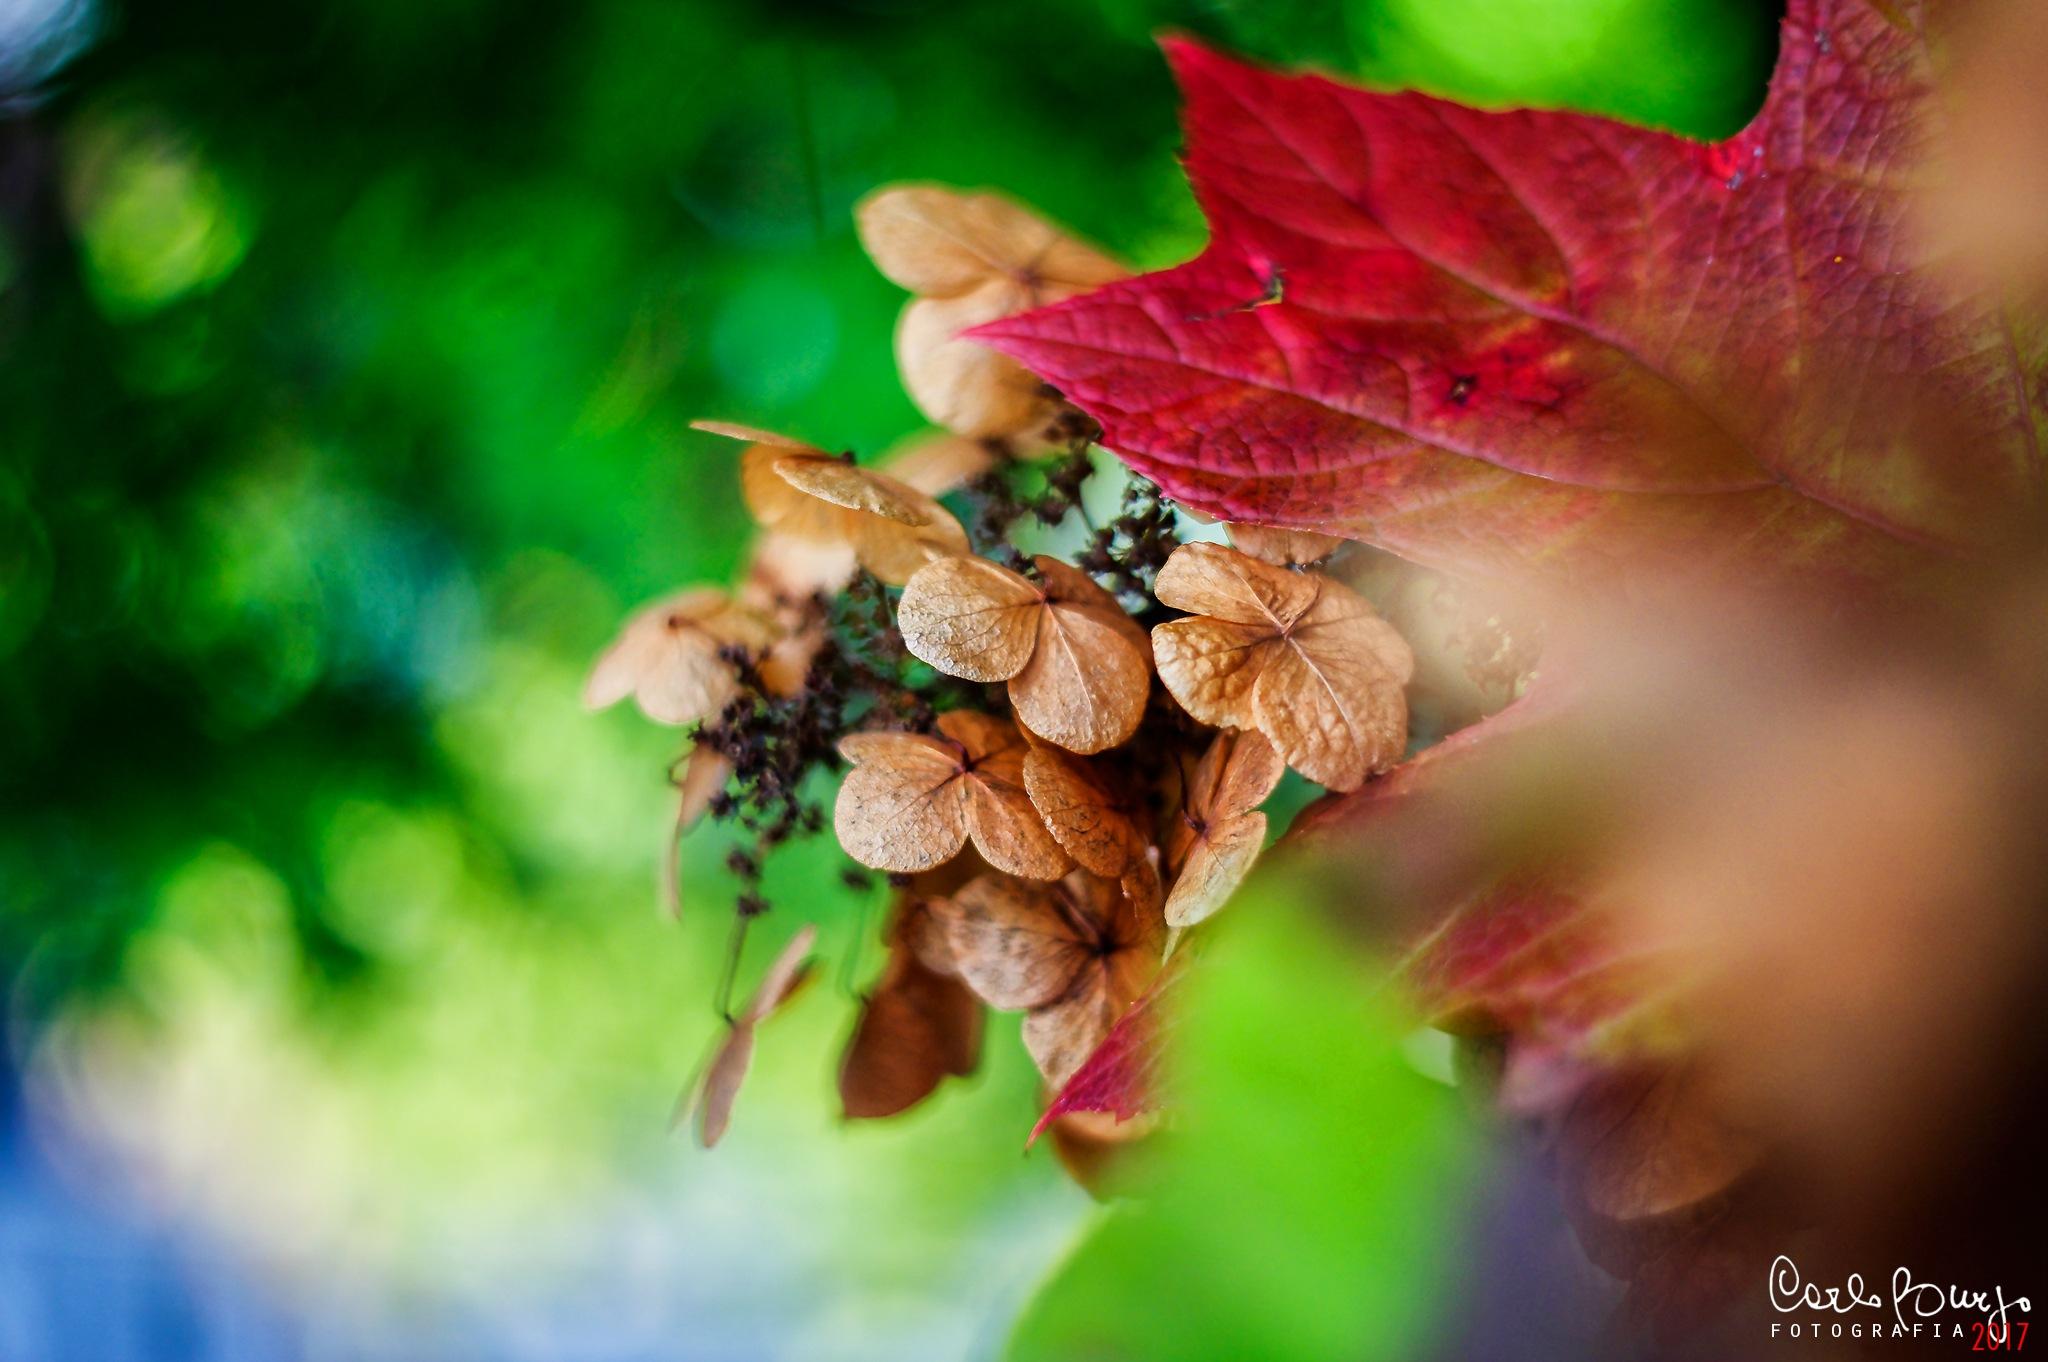 Autumn colors by Carlo Burzo